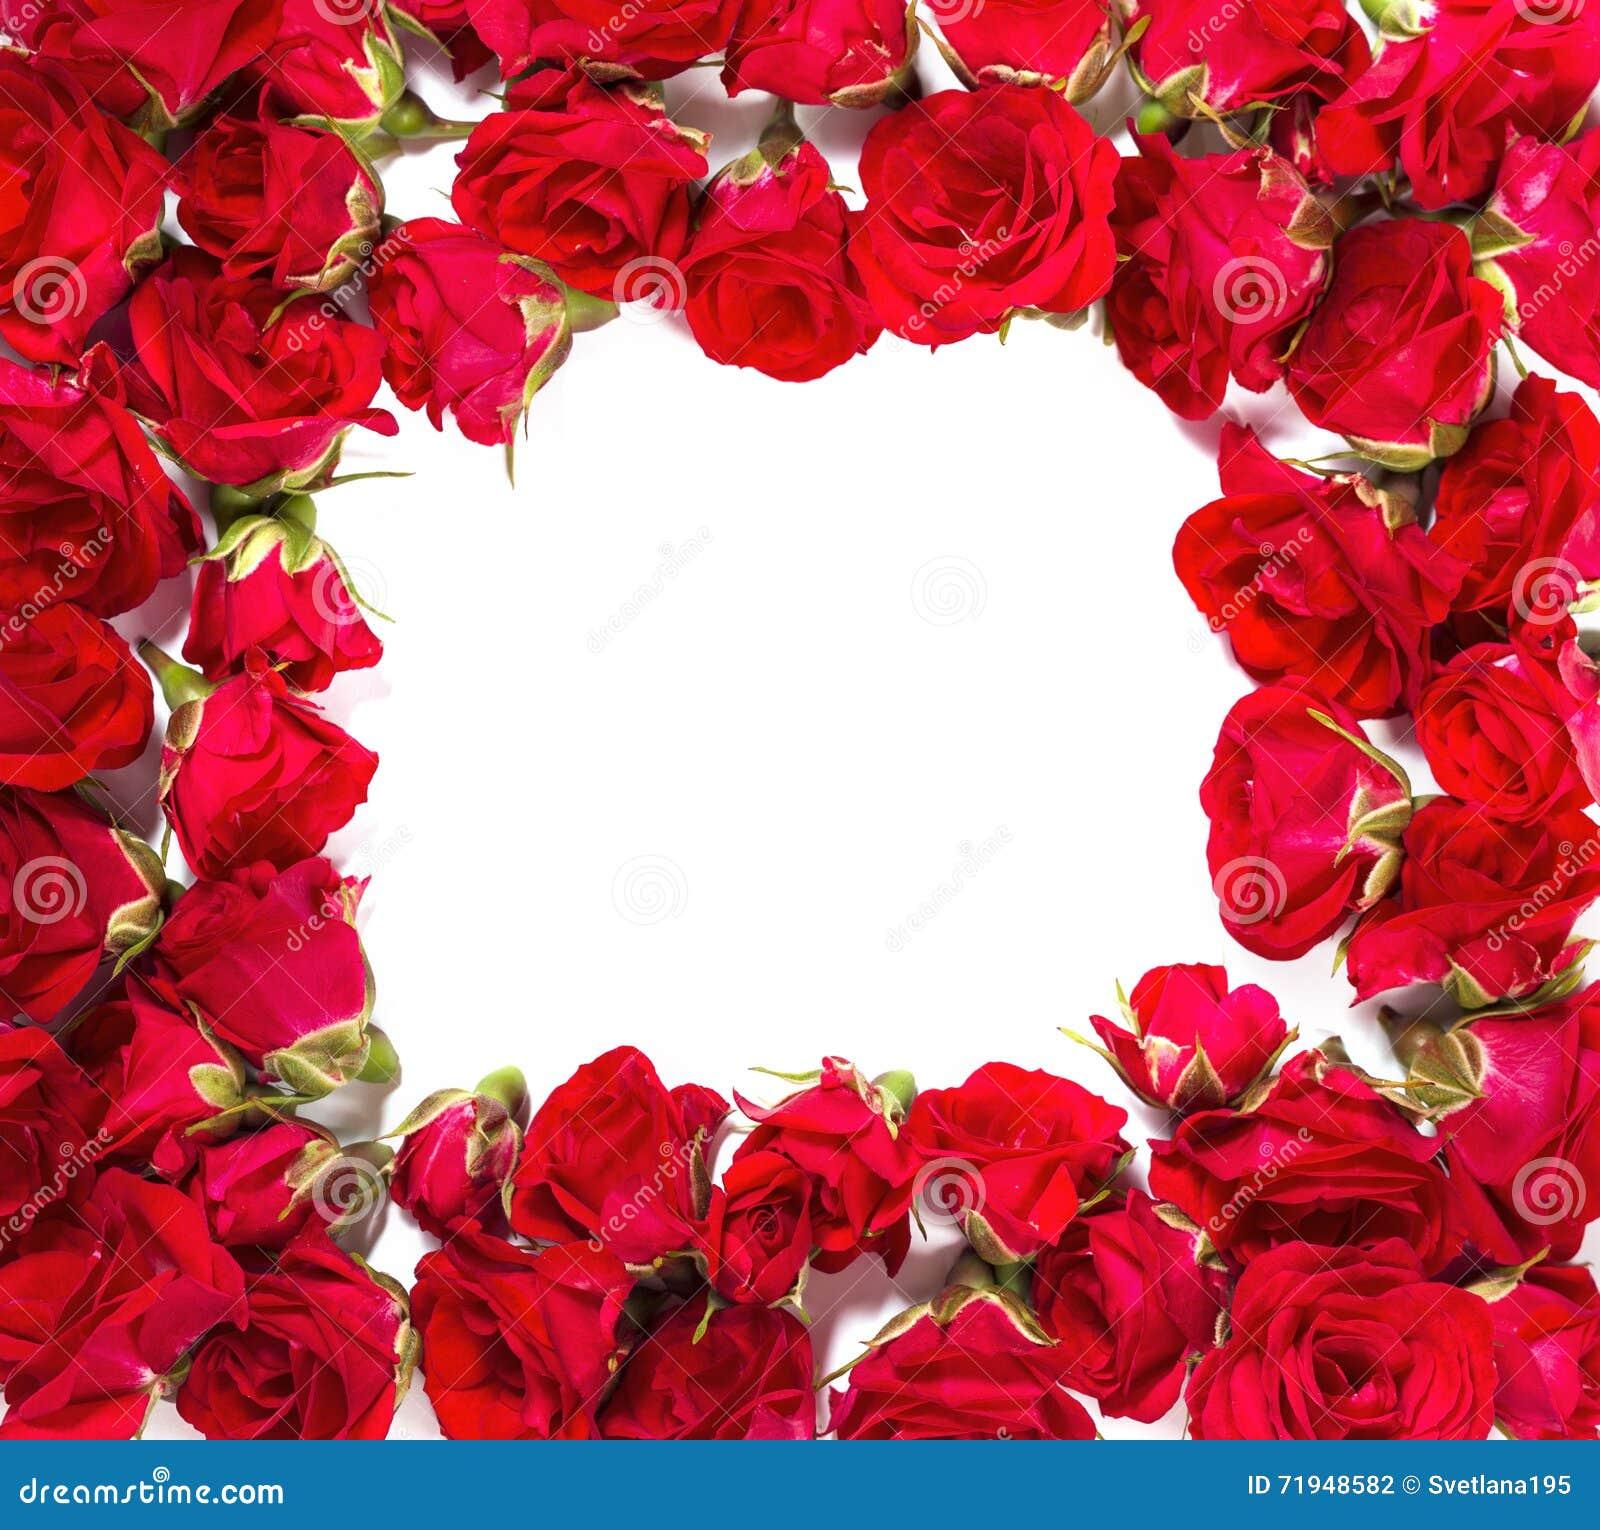 Букет роз аранжированных, что сформировать рамку или конструировать элемент для флористических тем